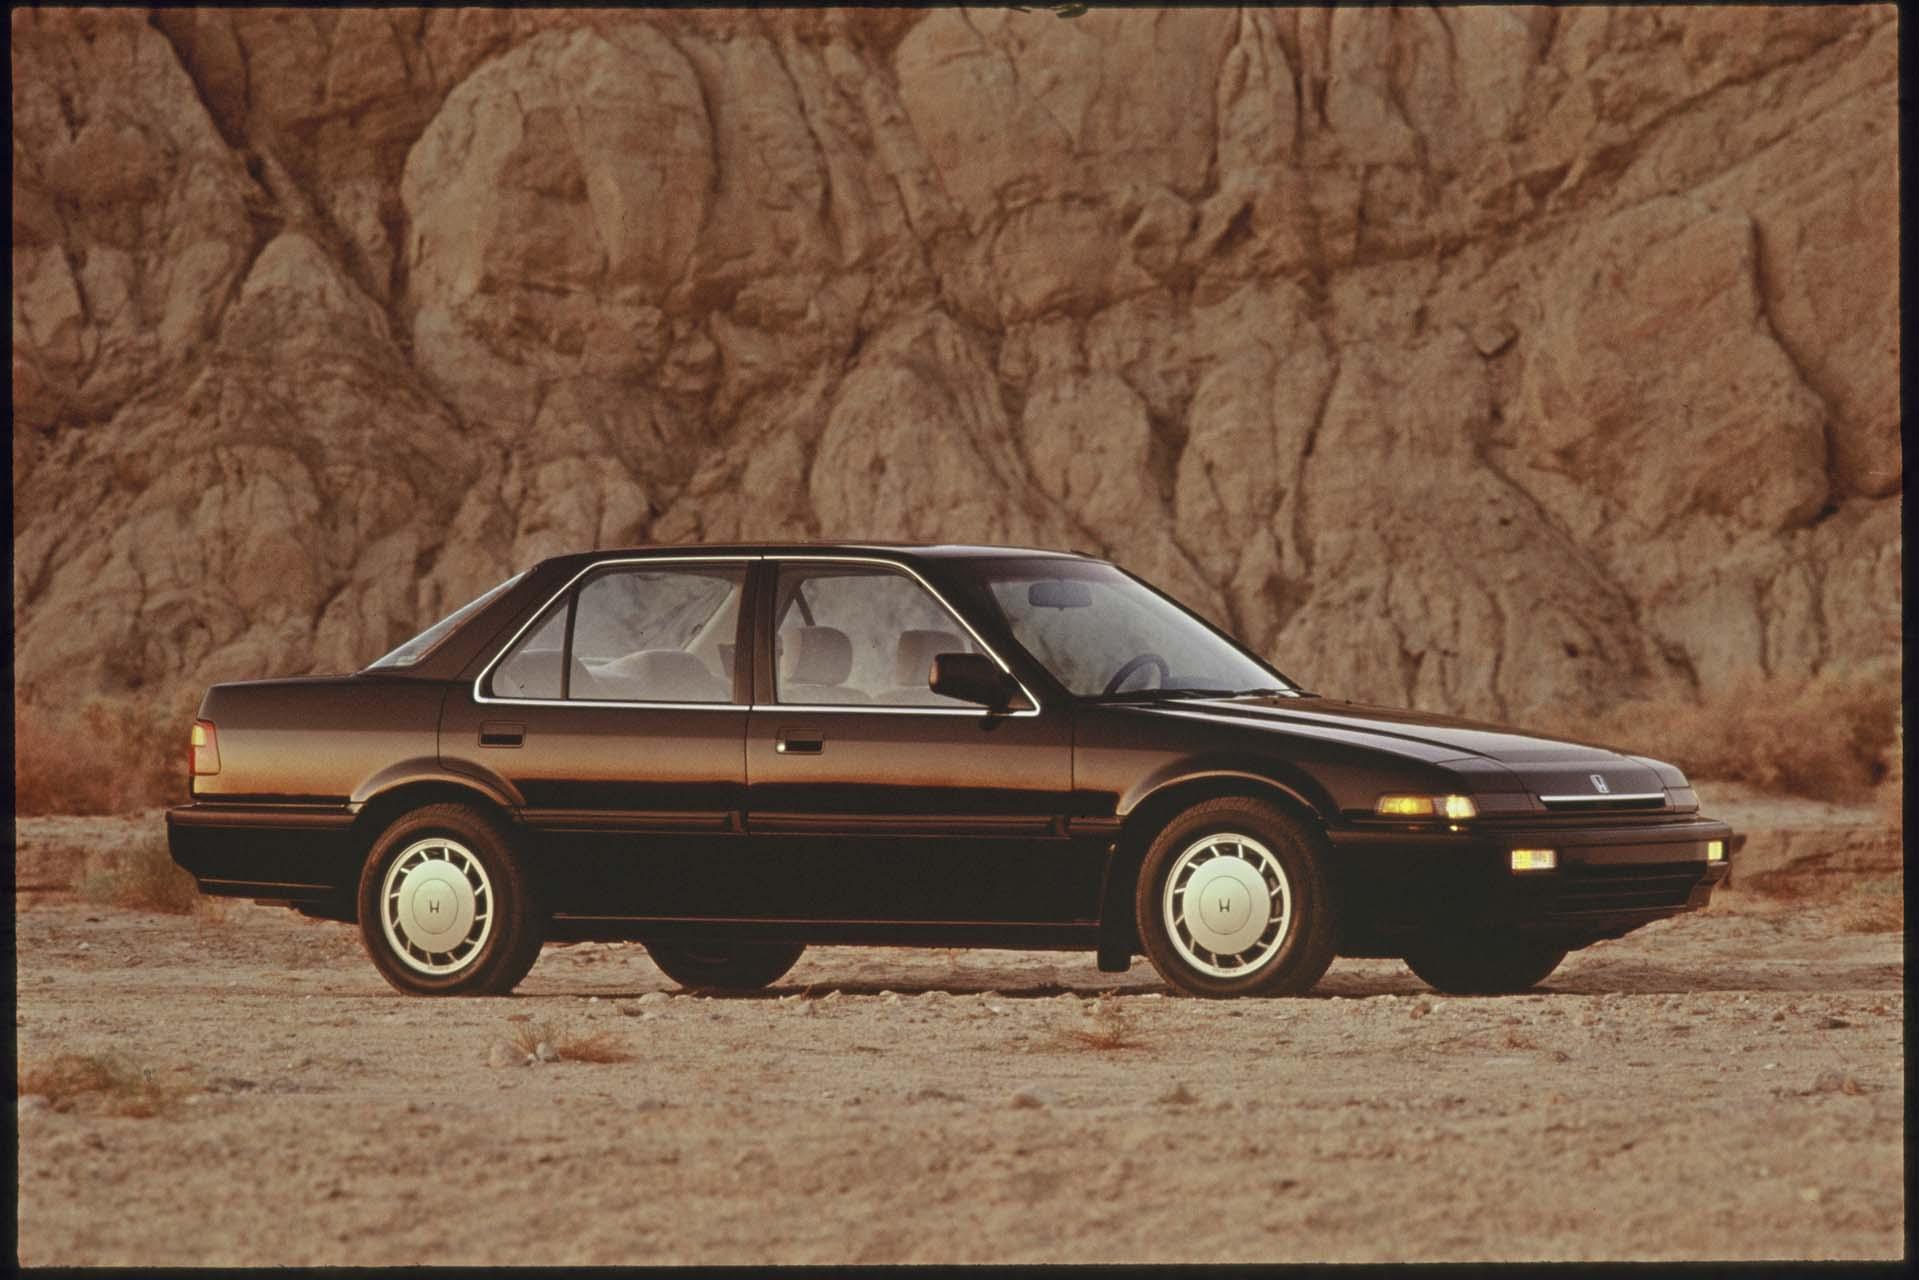 Kelebihan Kekurangan Honda Accord 1982 Tangguh